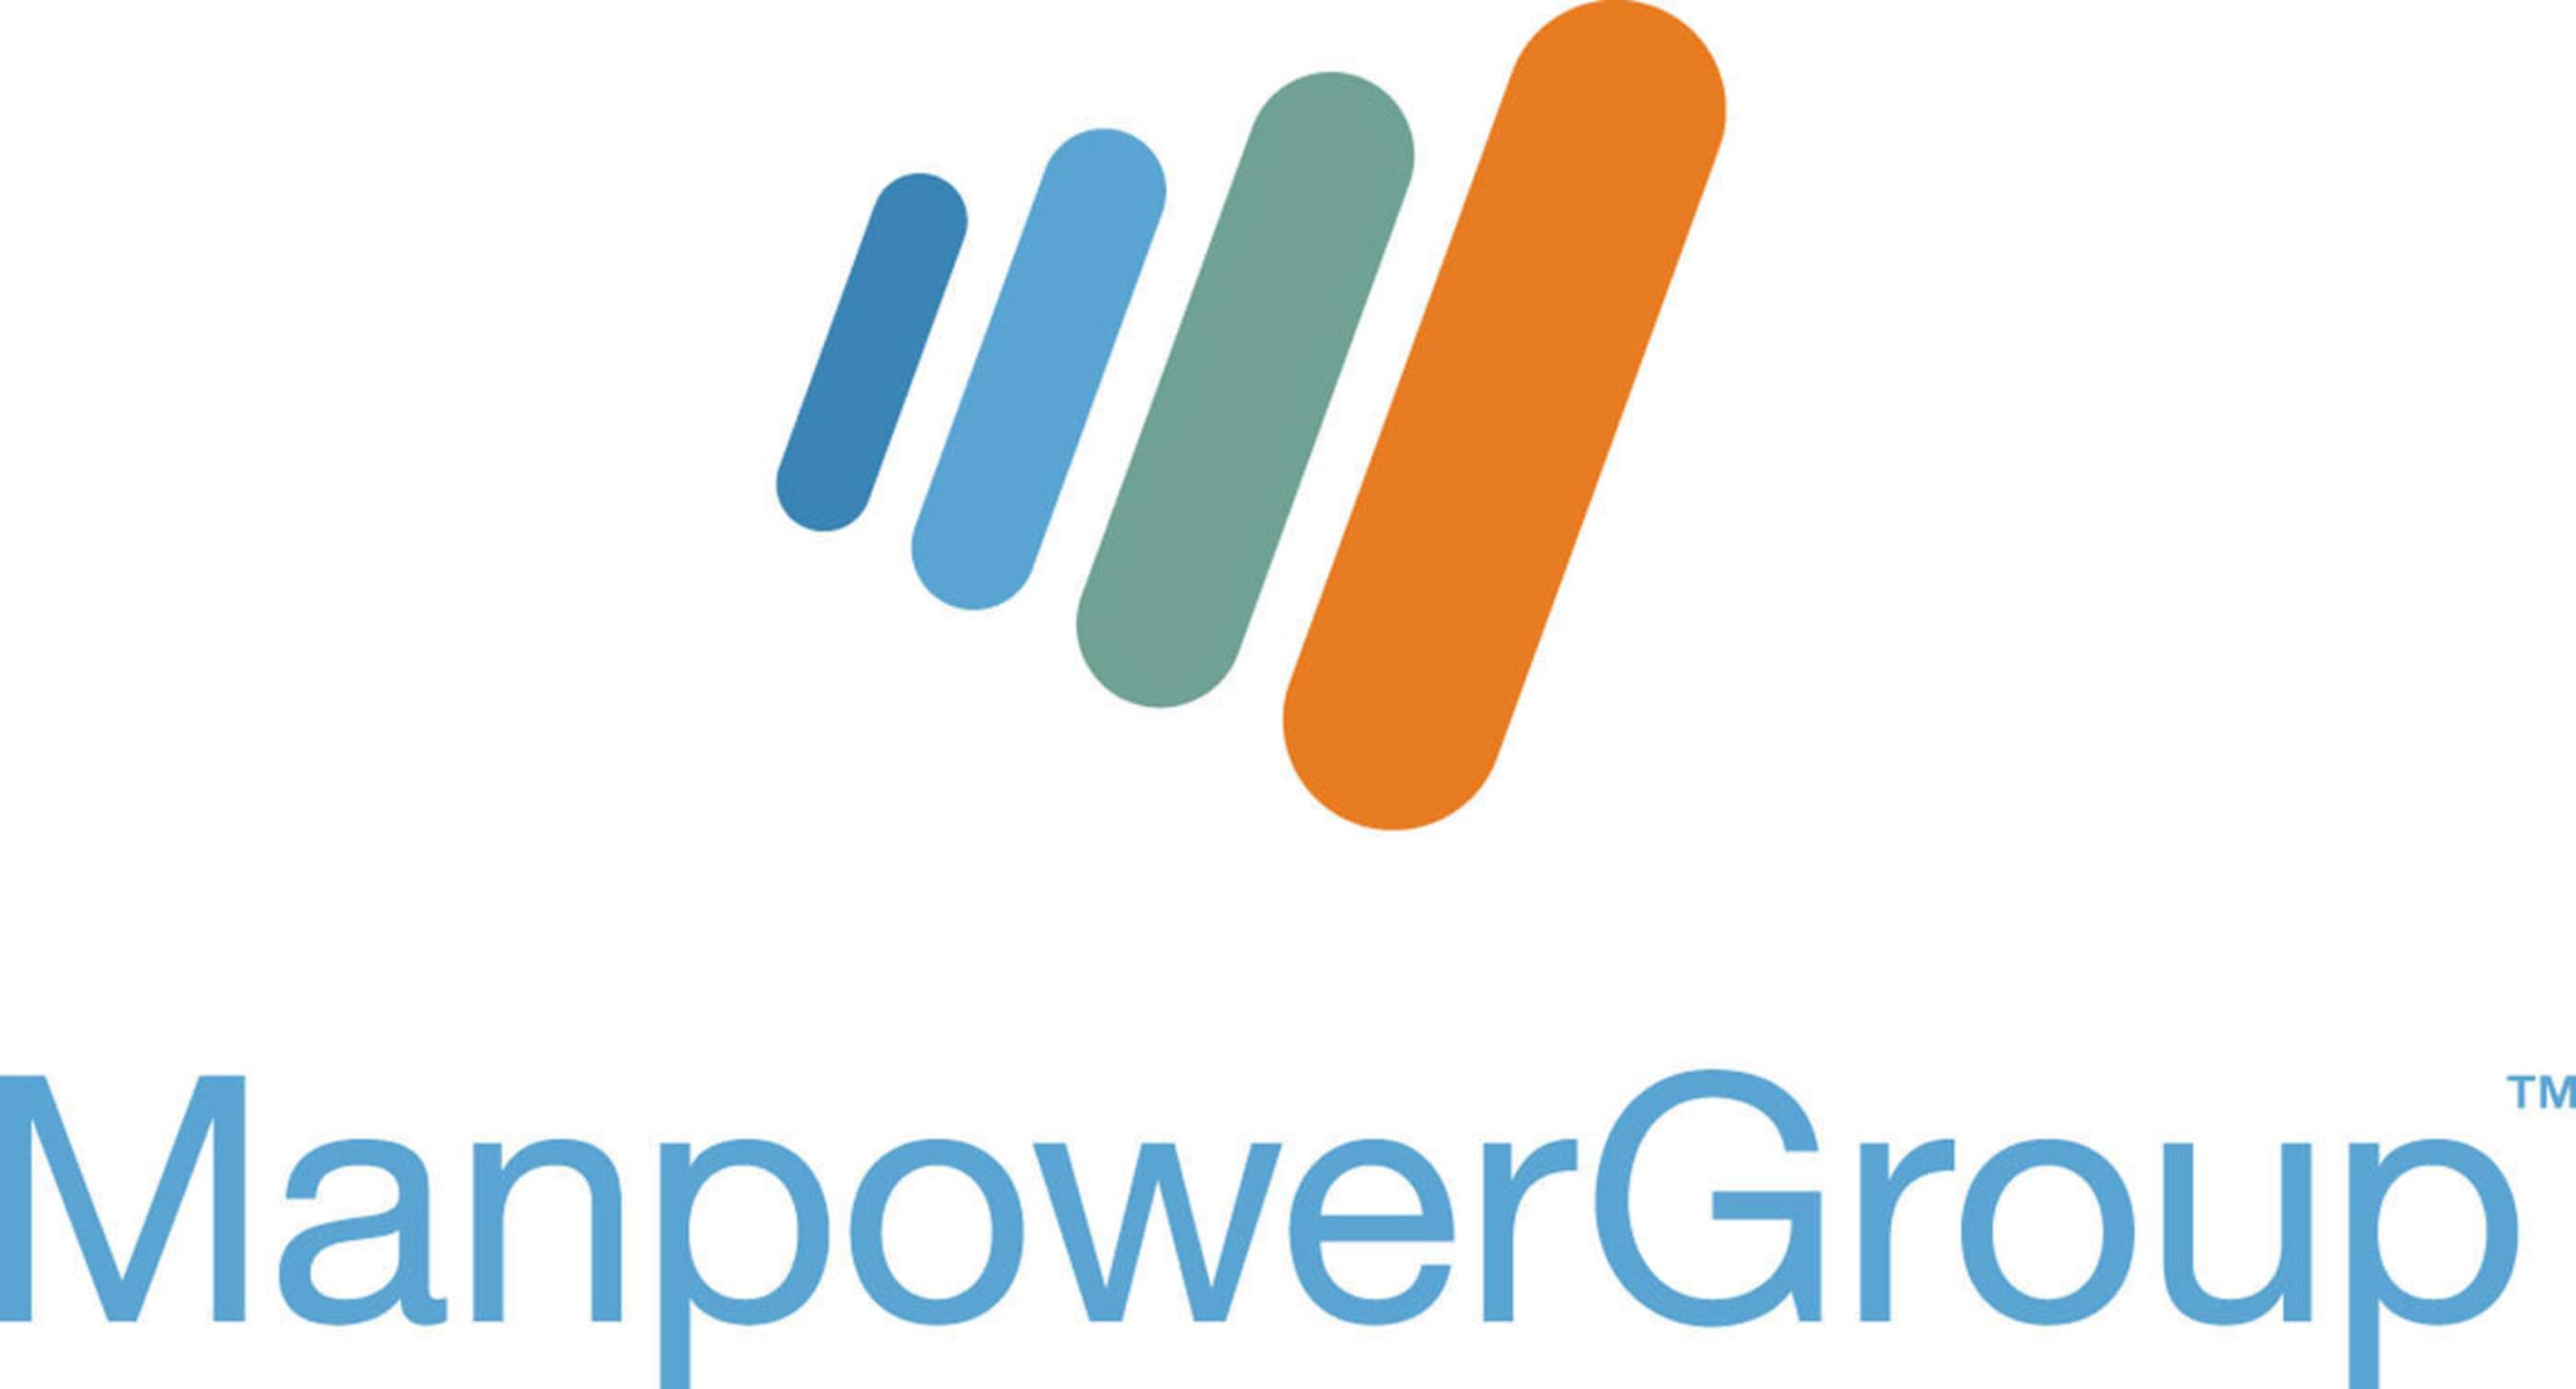 ManpowerGroup Logo. (PRNewsFoto/Manpower) (PRNewsFoto/)